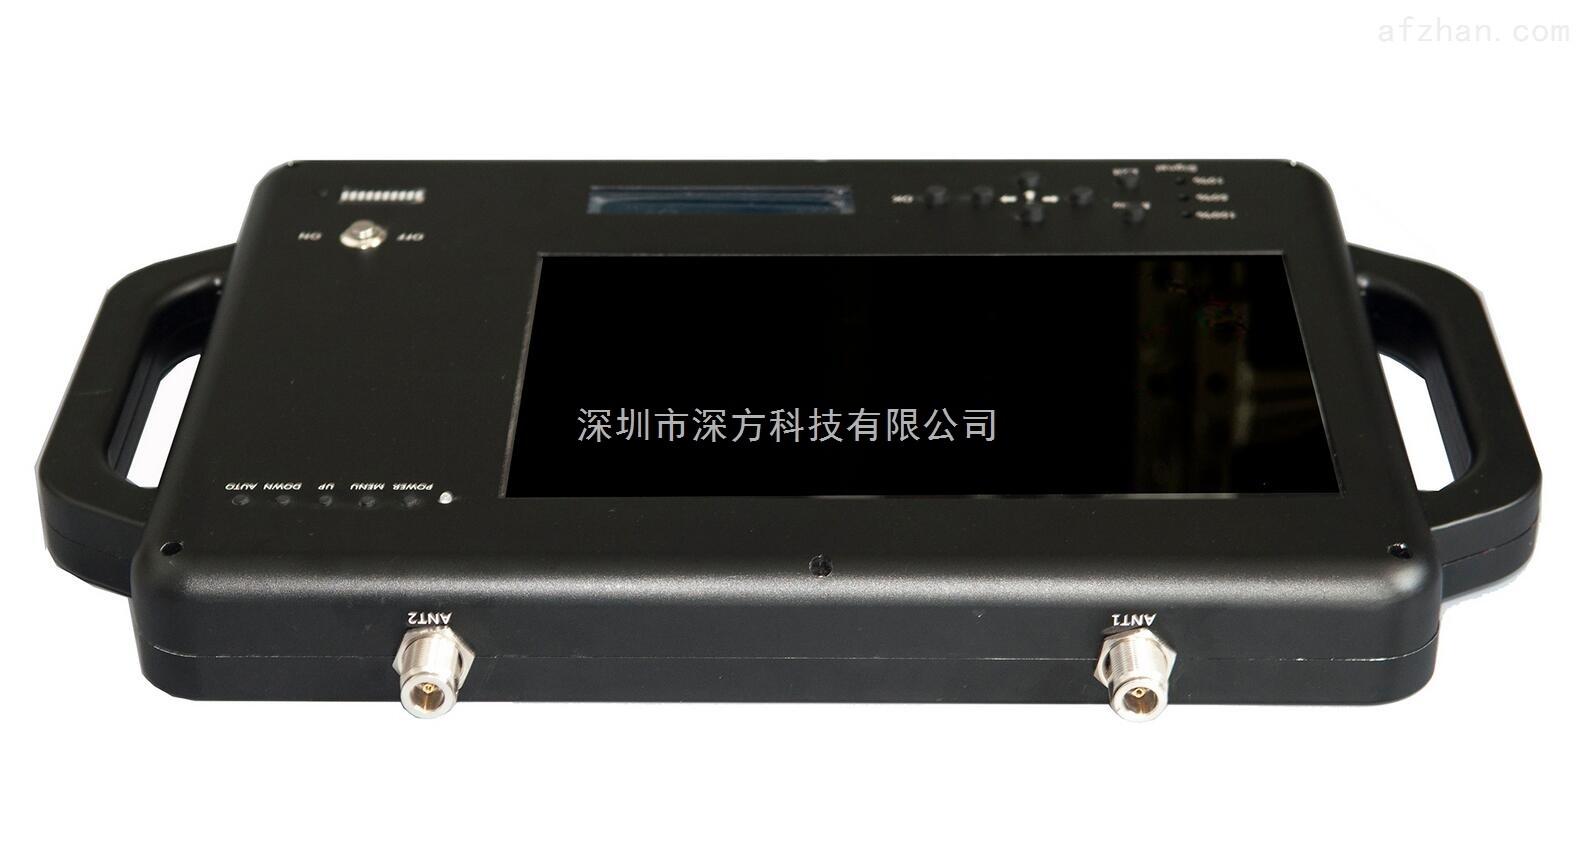 便携标清无线传输 移动视频无线监控设备 COFDM无线接收机